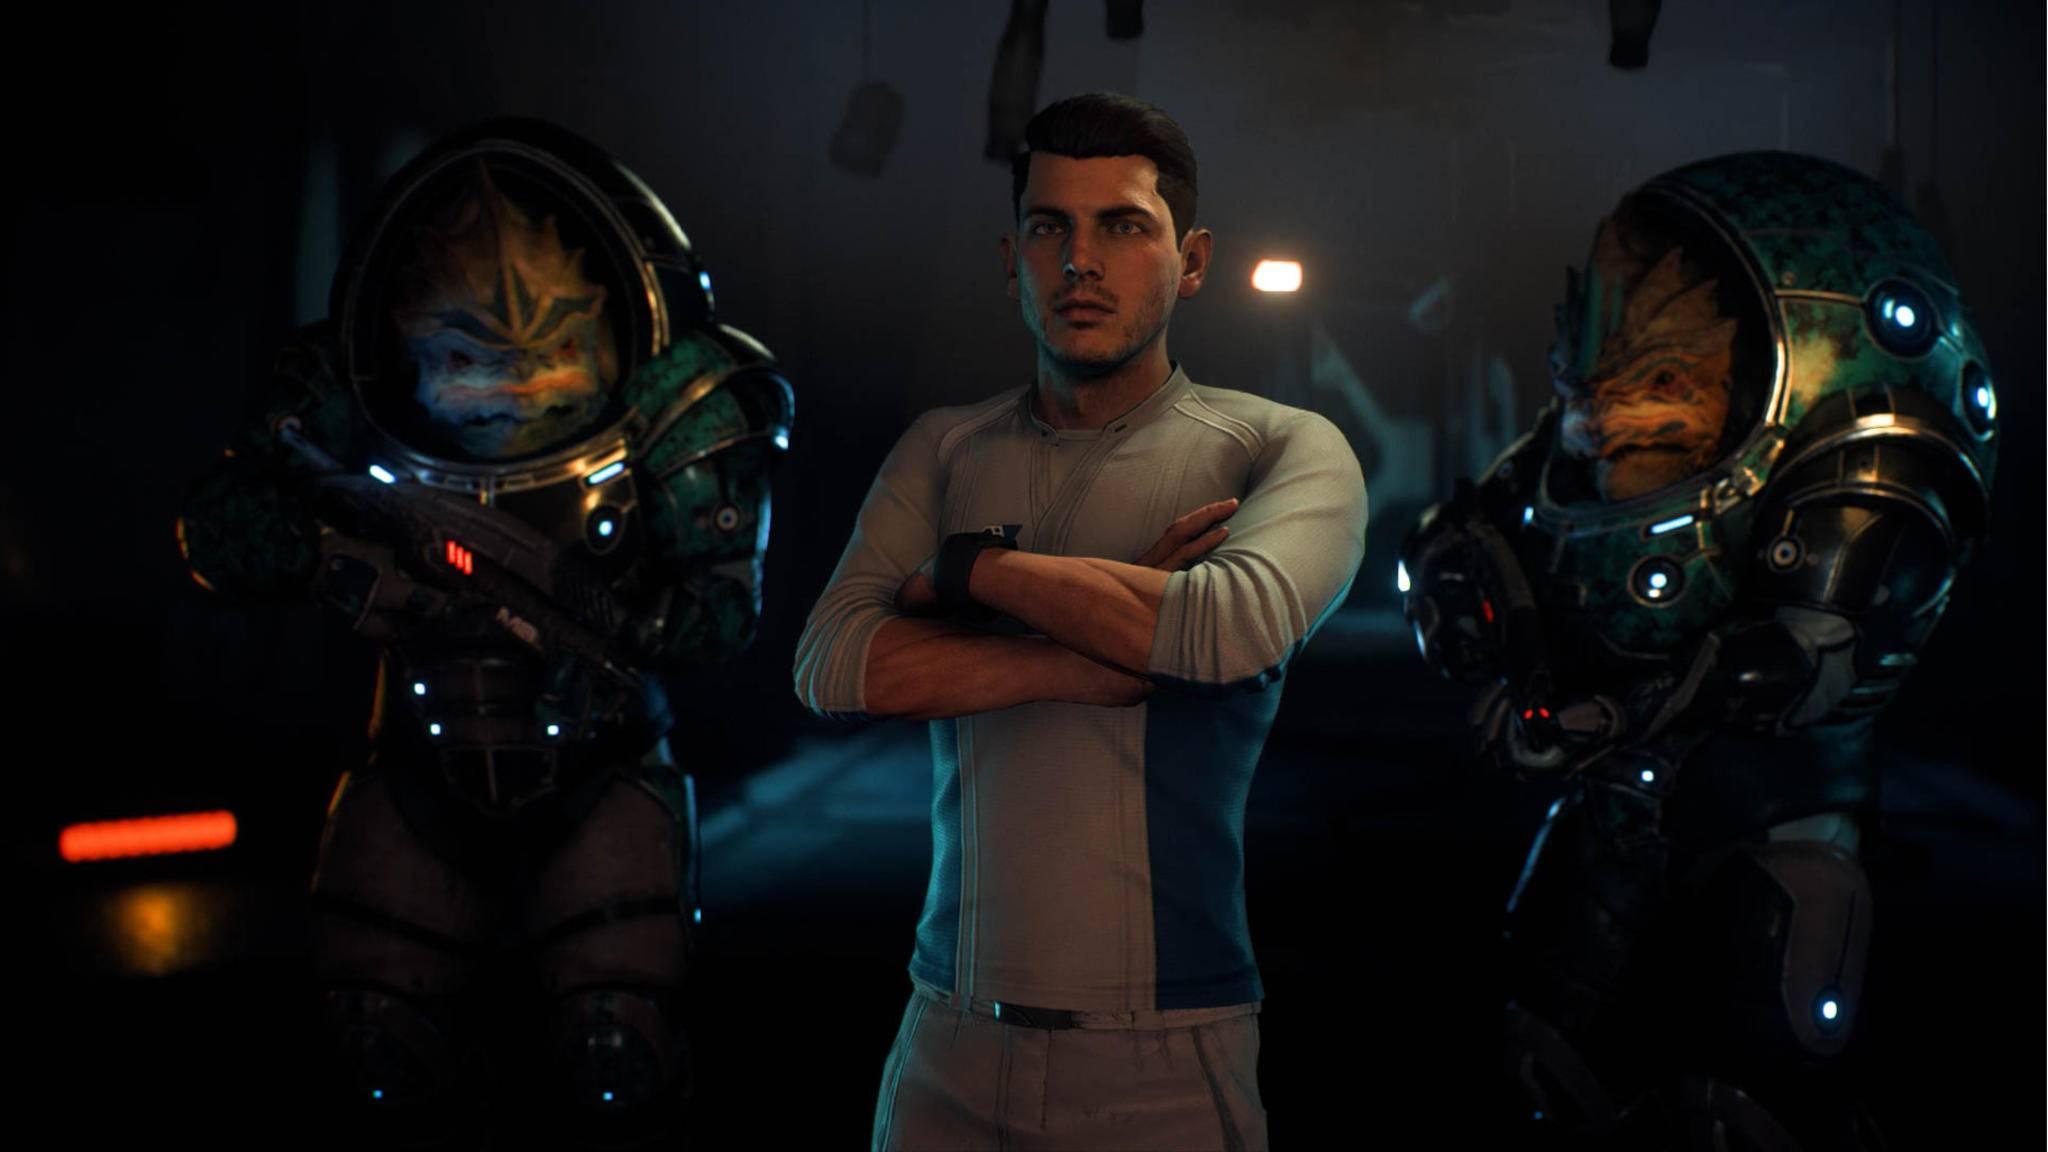 """Menschliche Gesichter waren bisher nicht gerade eine Stärke von """"Mass Effect: Andromeda""""."""